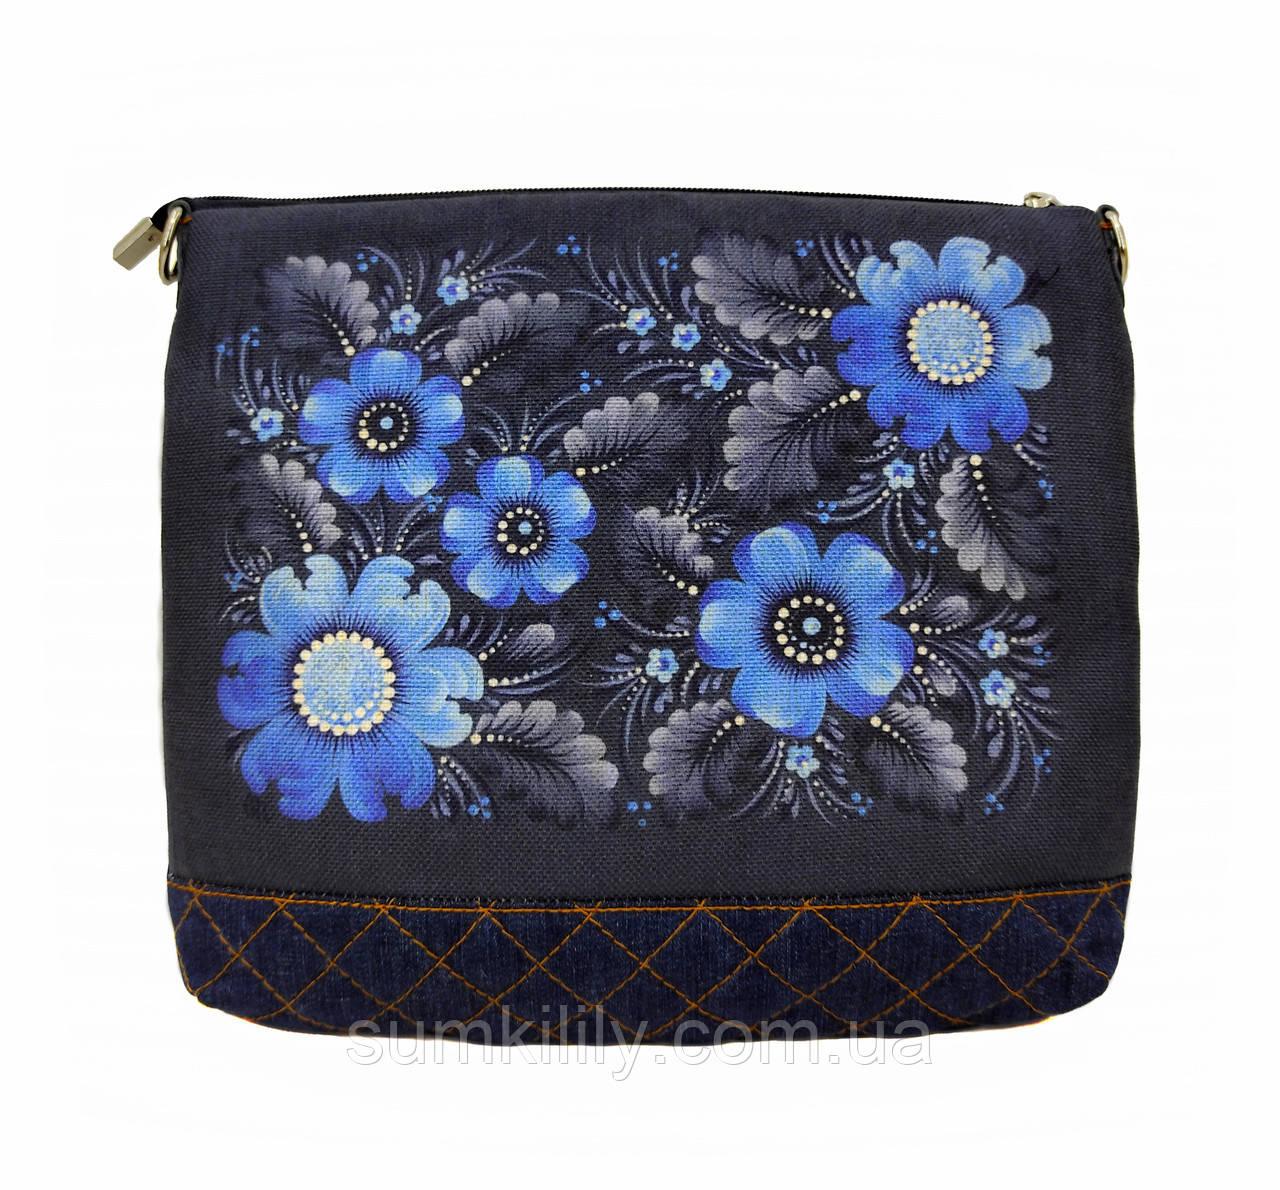 Джинсовая сумочка Голубая фантазия